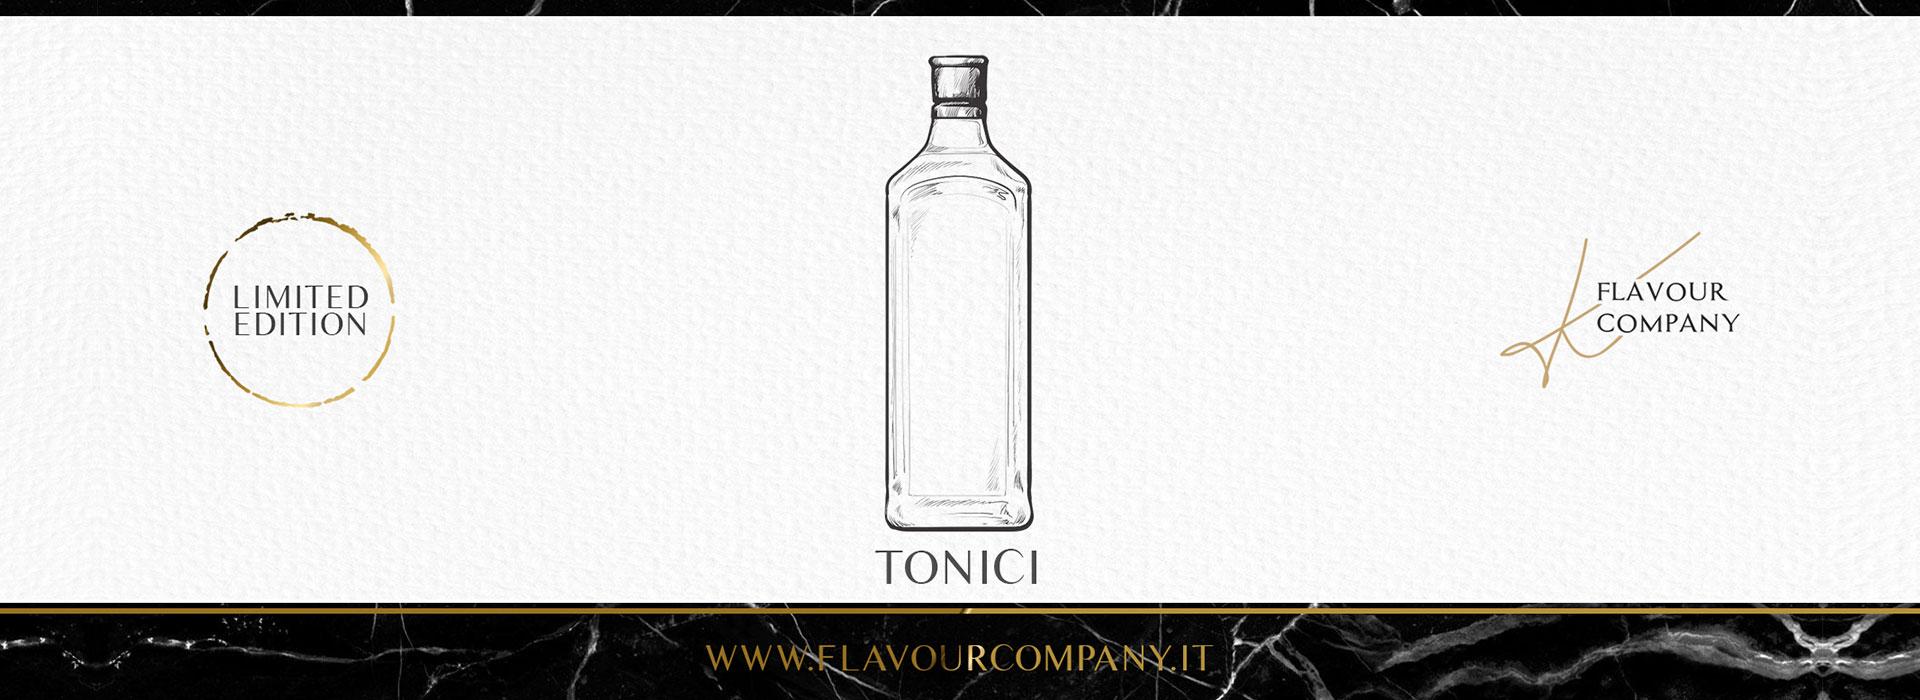 Tonici K Flavour